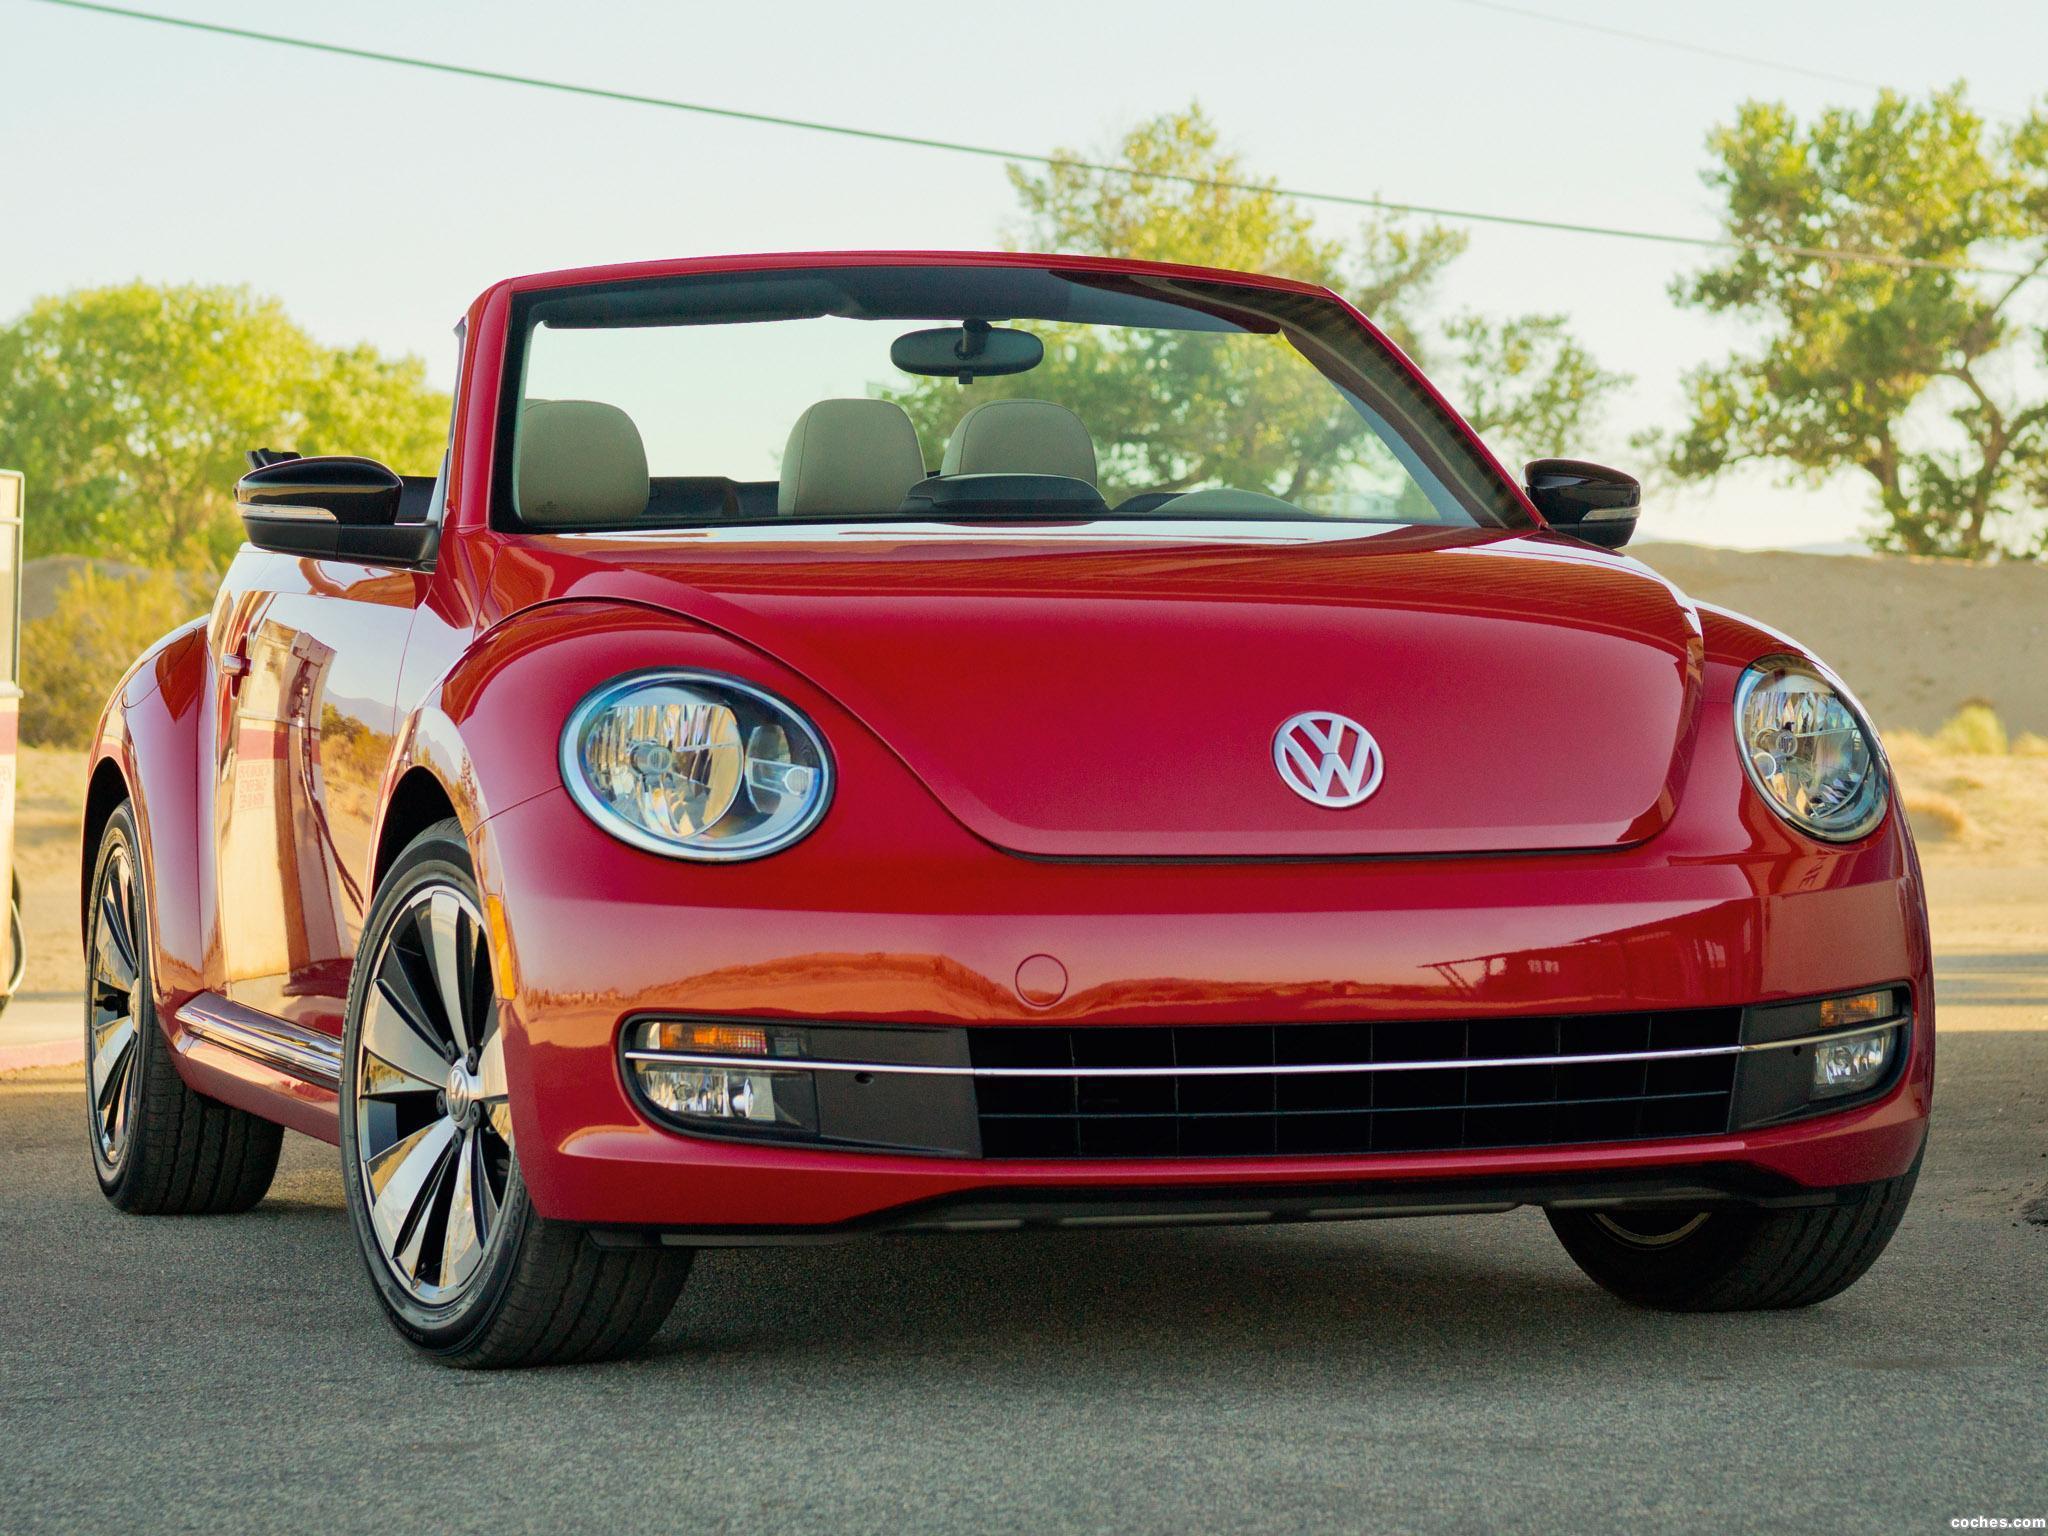 Foto 0 de Volkswagen Beetle Cabriolet 2013